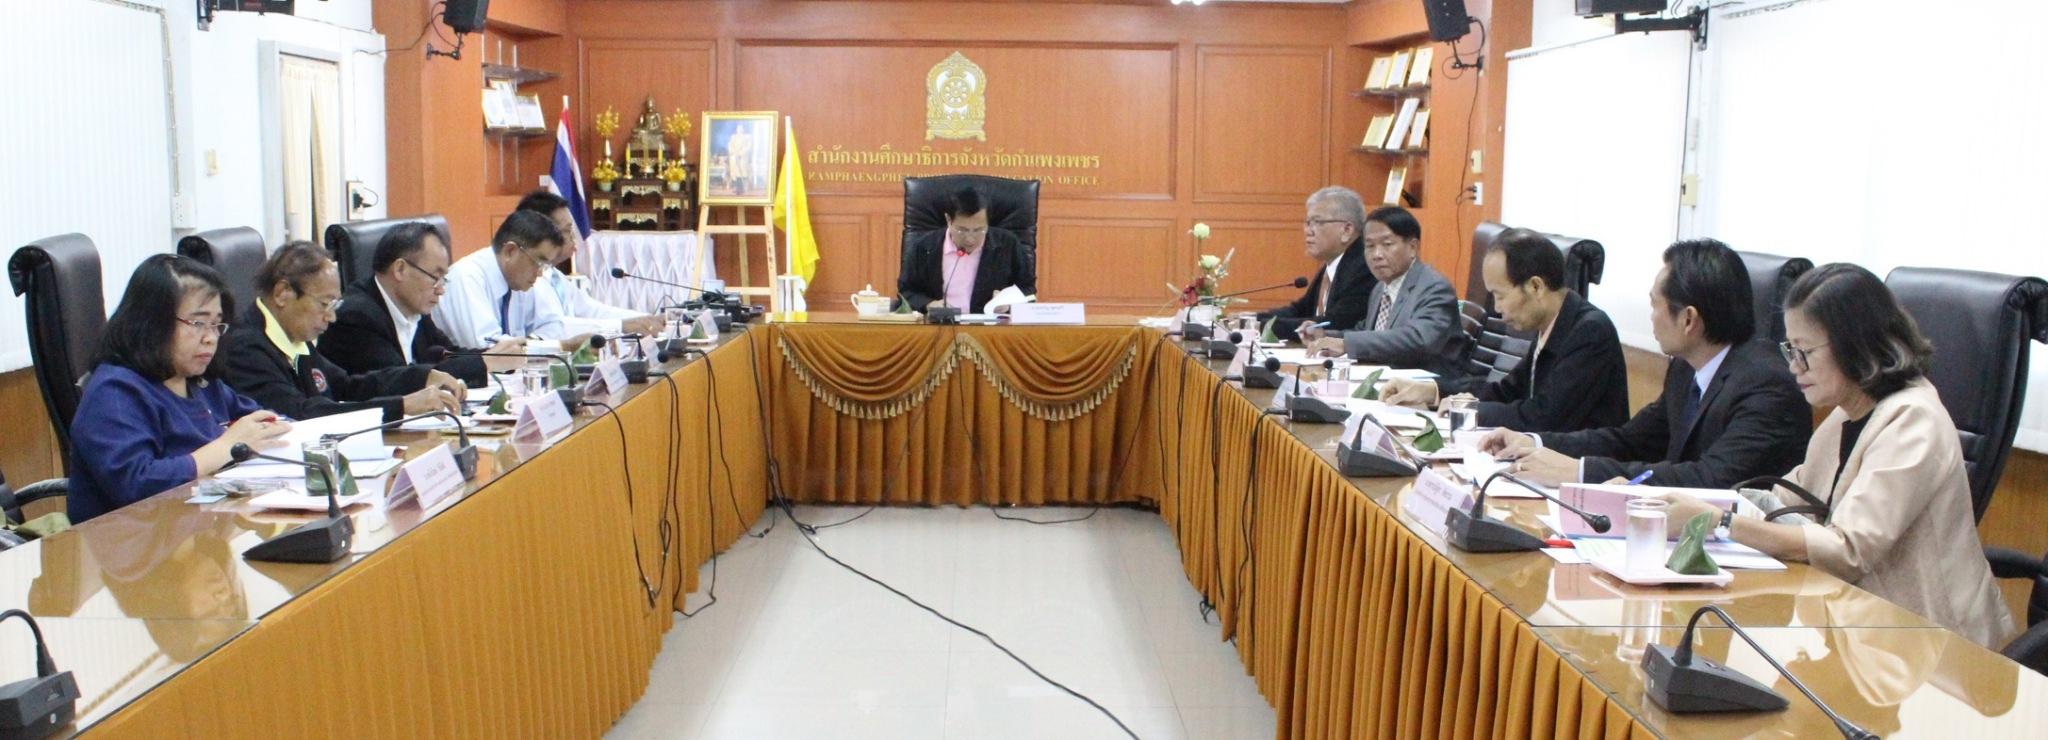 ร่วมประชุมคณะกรรมการศึกษาธิการจังหวัดกำแพงเพชร ครั้งที่ 8/2562